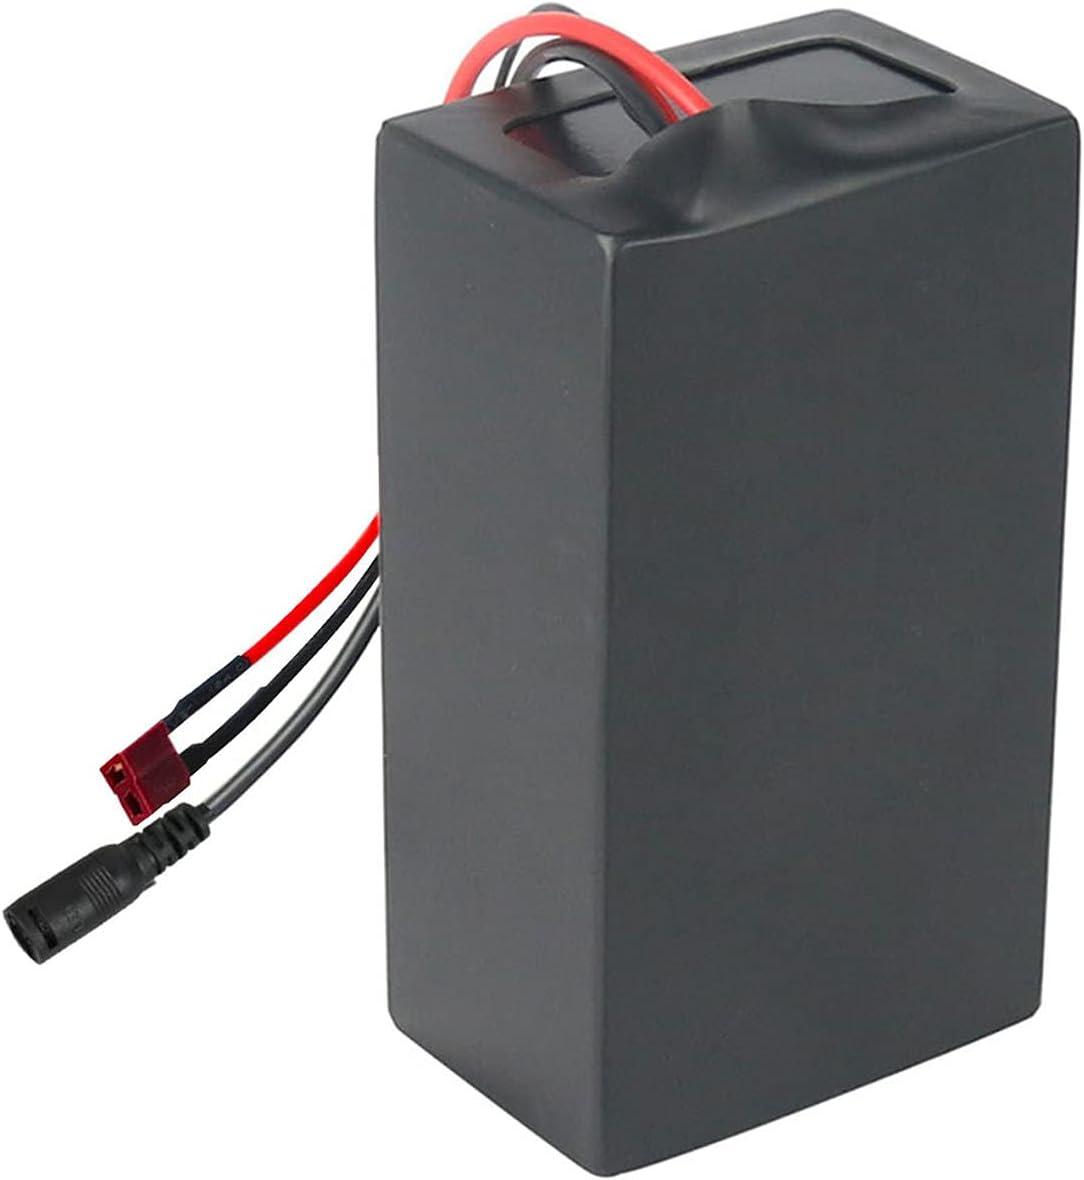 FREEDOH Batería Litio Bicicleta Eléctrica 24V 10Ah 12.5Ah 15Ah 17.5Ah 20Ah 22.5Ah 25Ah Paquete Baterías para Motor 200W-600W para Scooters Eléctricos Herramientas Eléctricas con Cargador